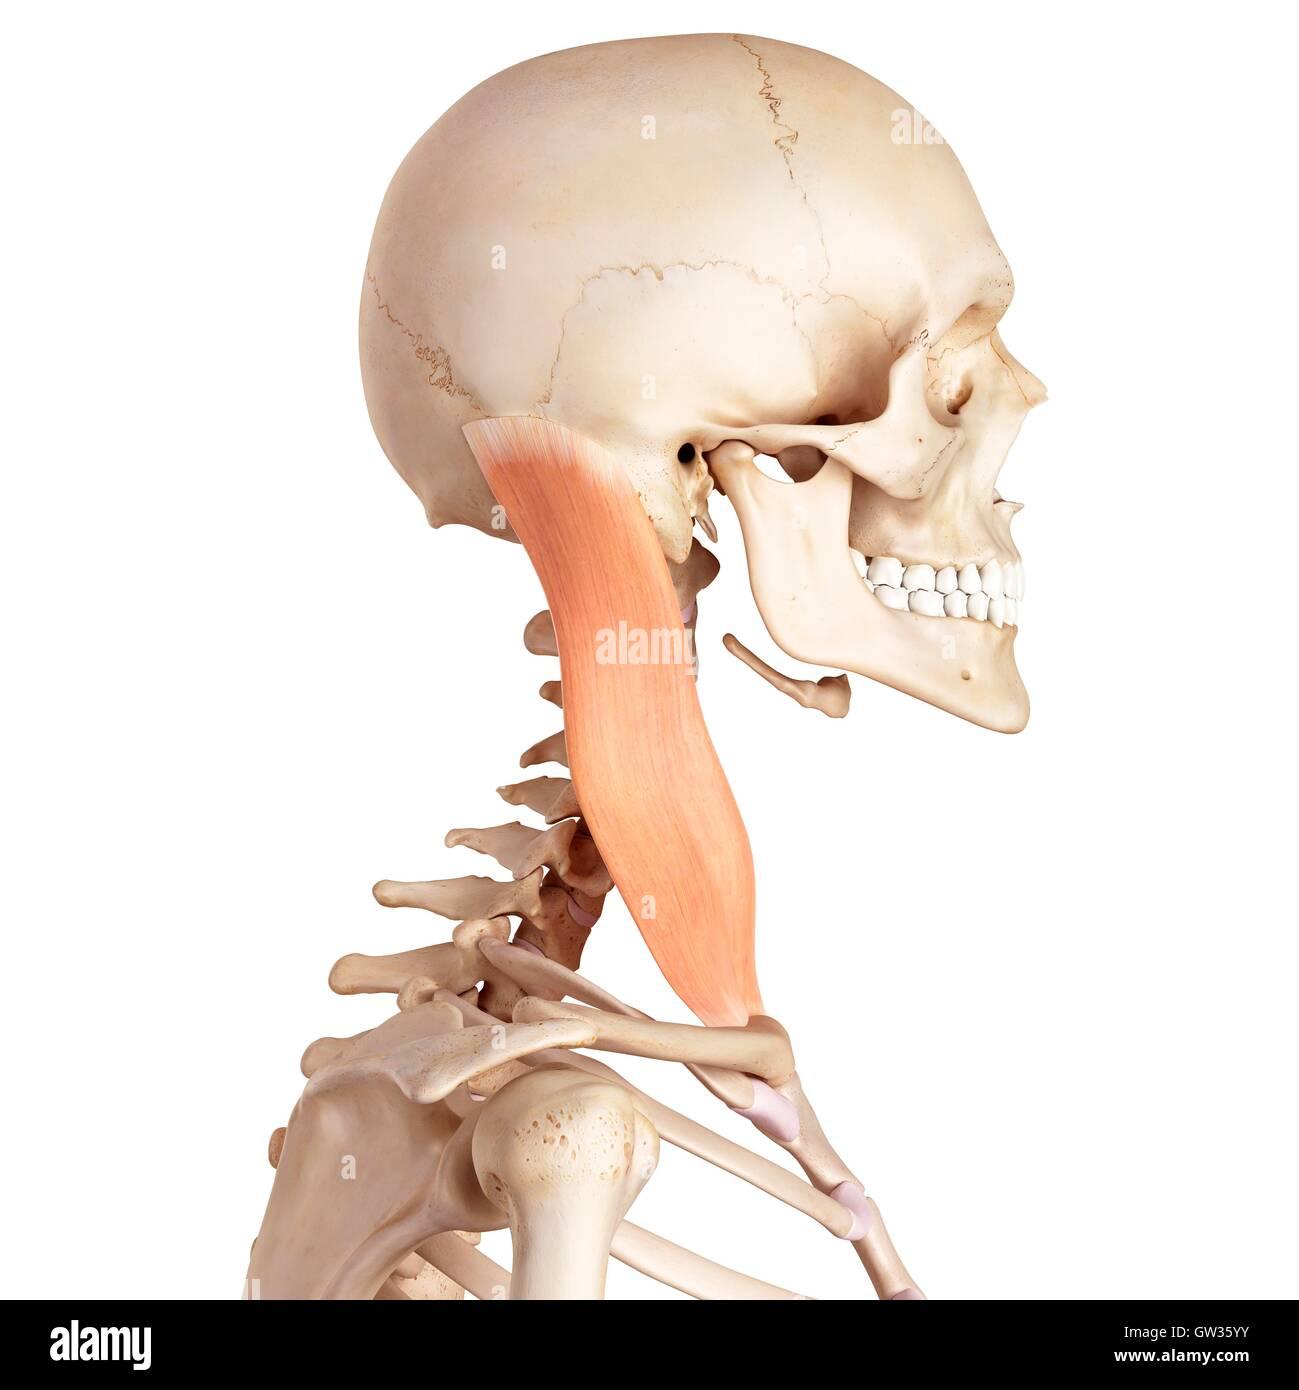 Ausgezeichnet Halsmuskeln Ideen - Menschliche Anatomie Bilder ...